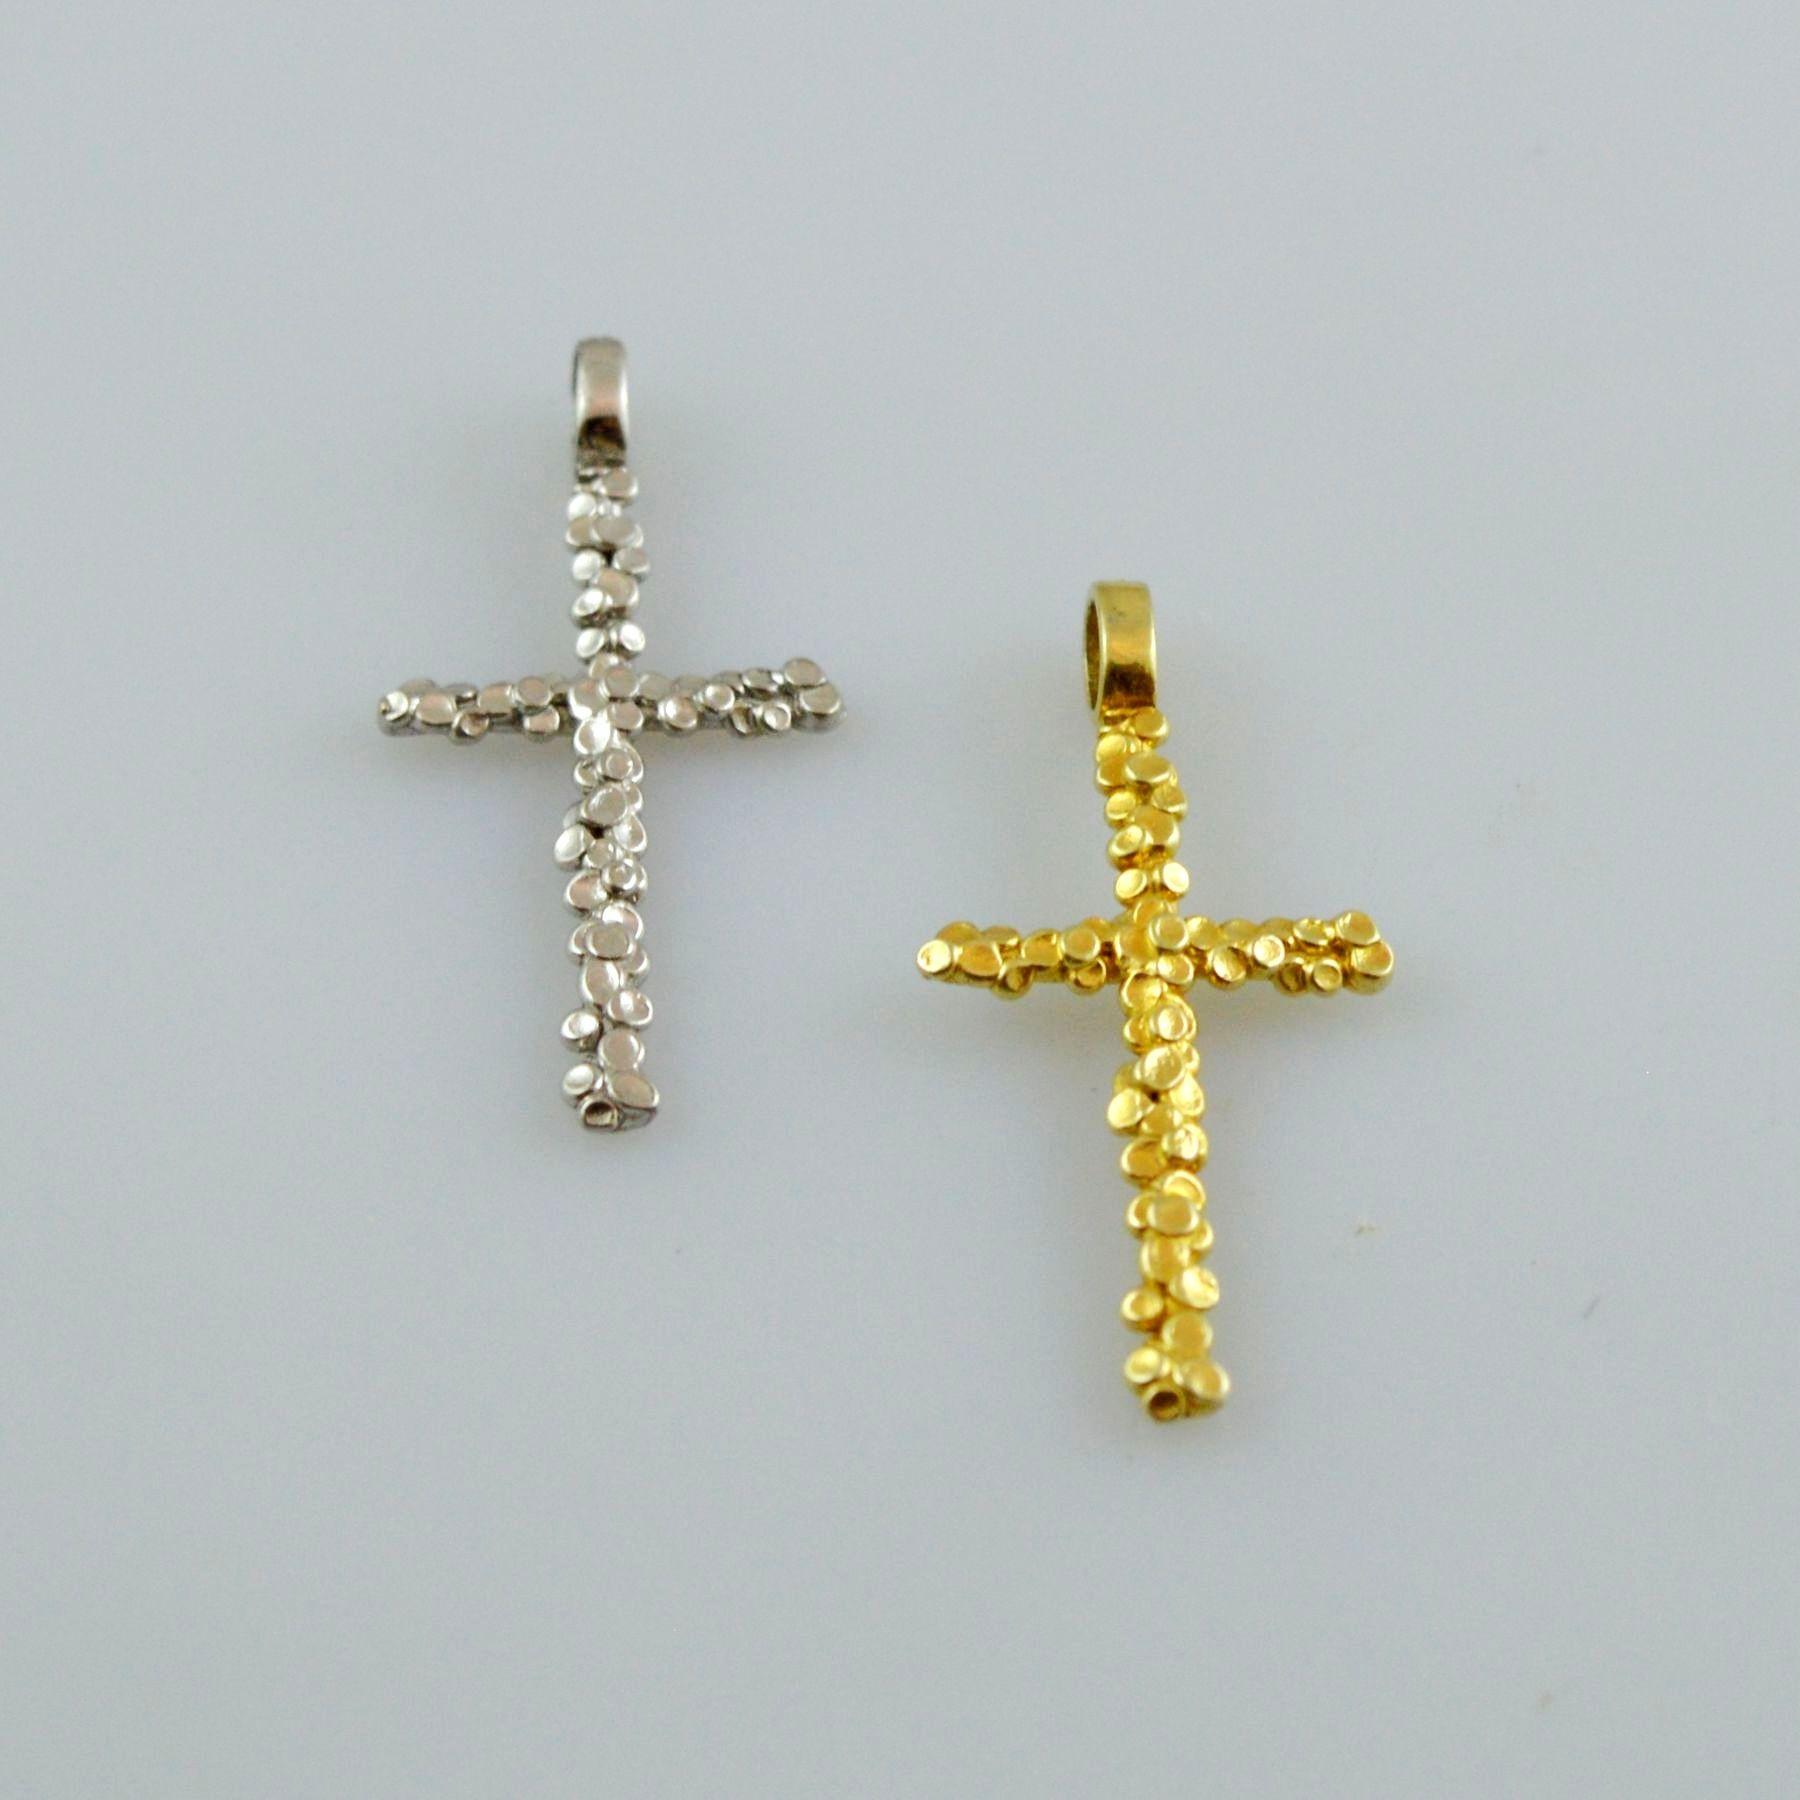 Gold or white gold cross 14K or 18K